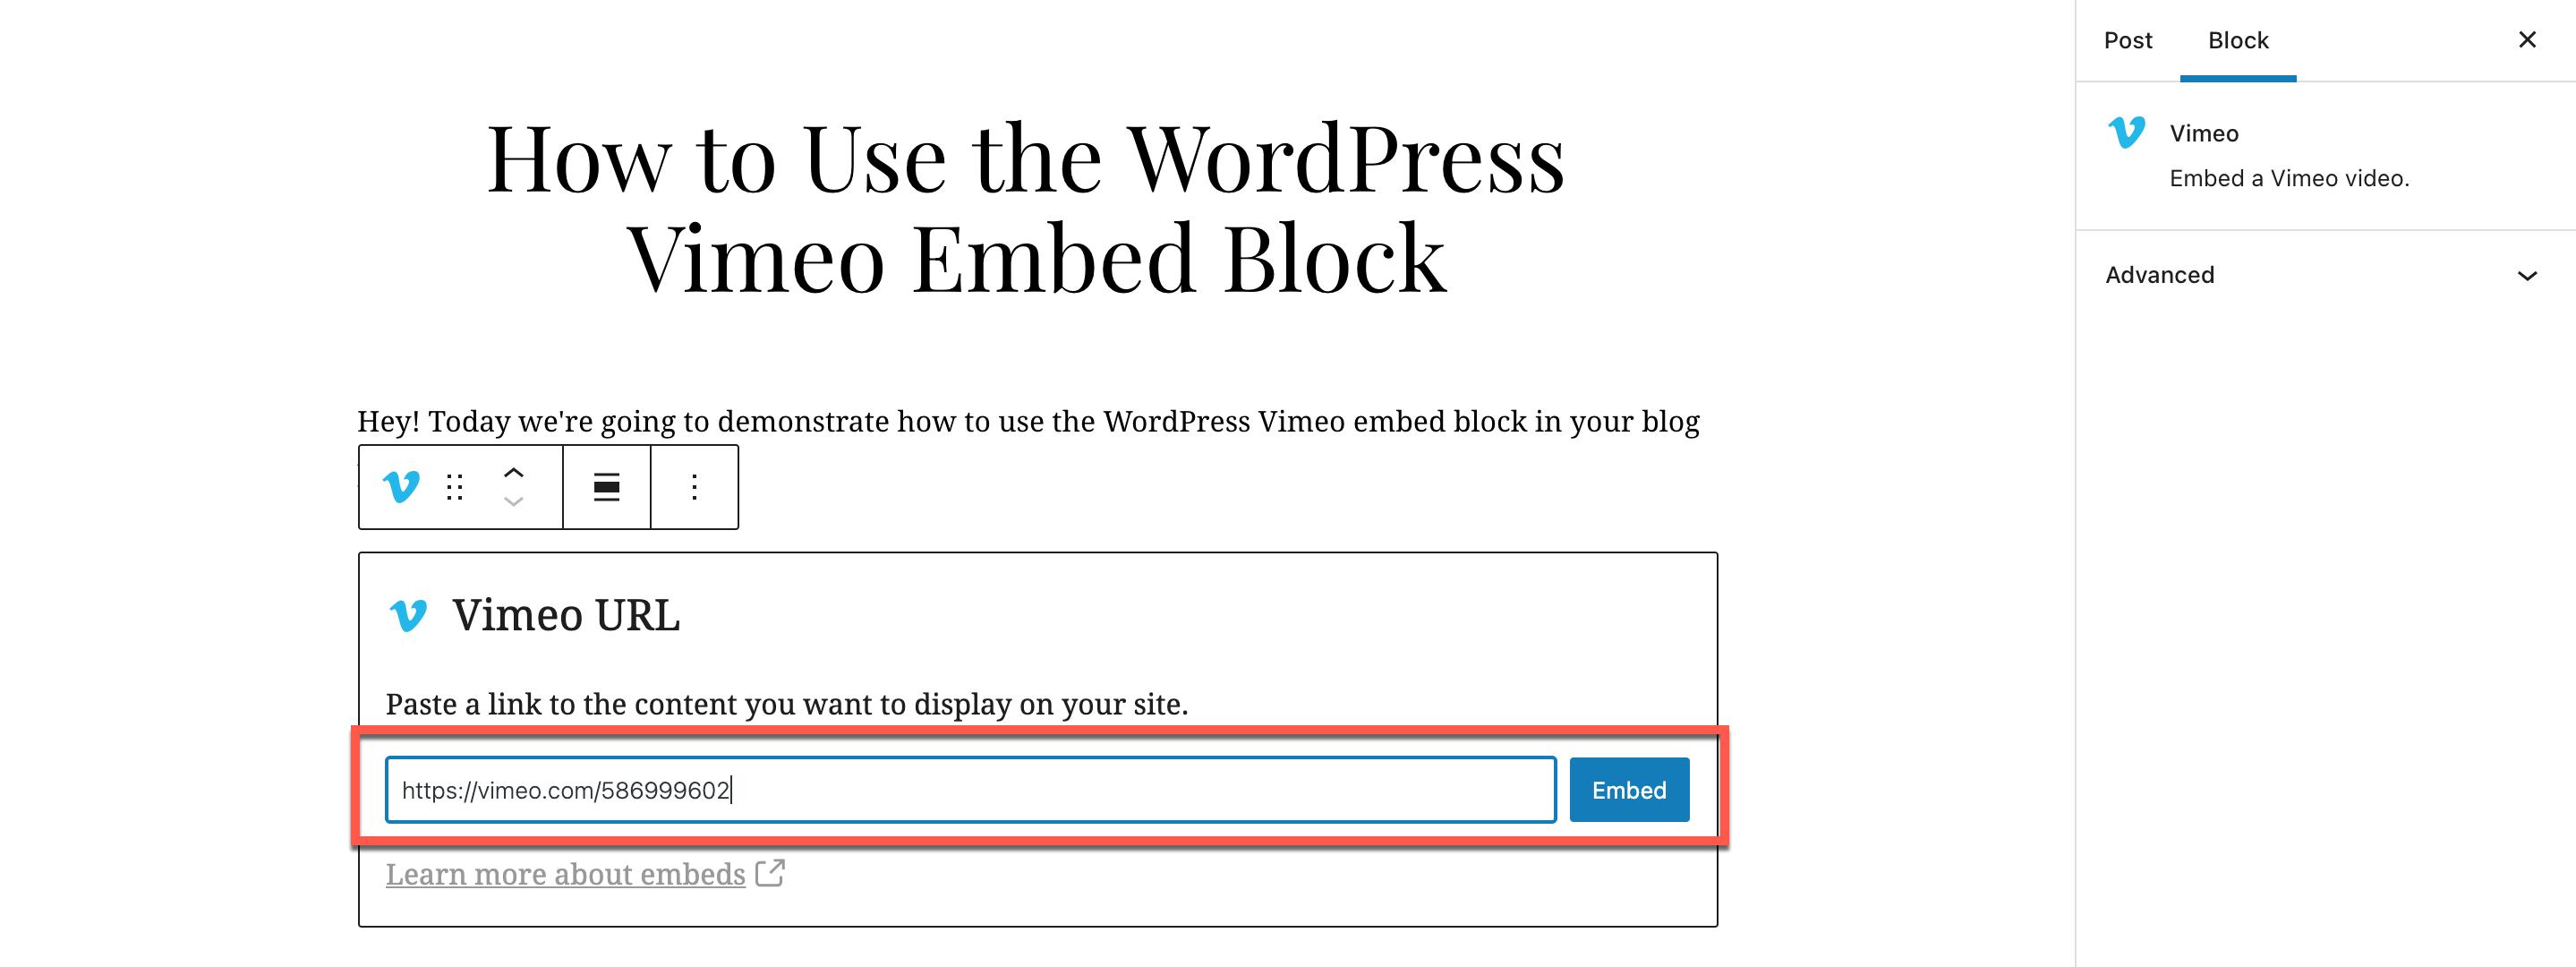 填入URL至Vimeo嵌入区块